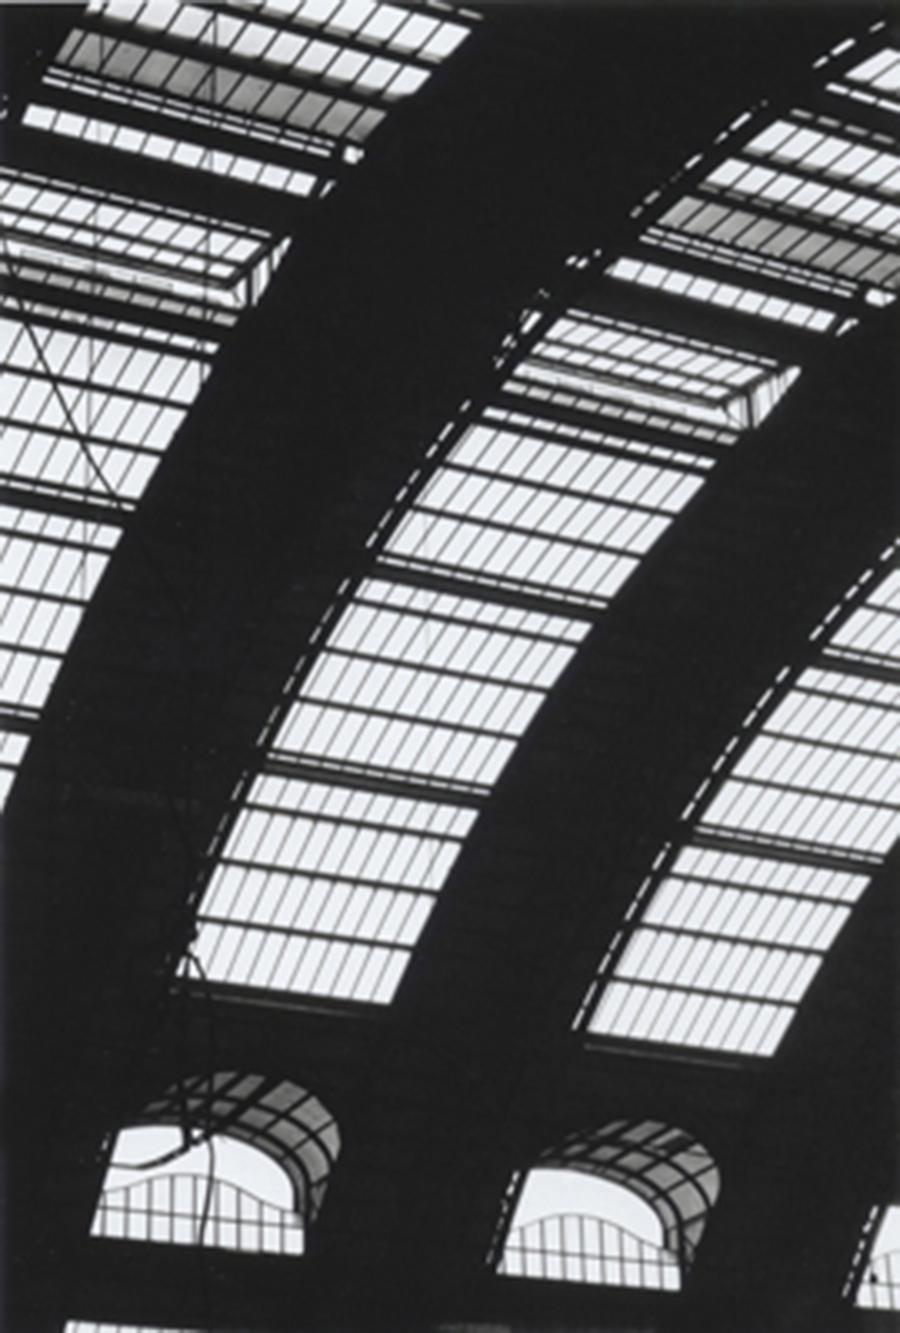 Milano---stazione-centrale-1996.jpg